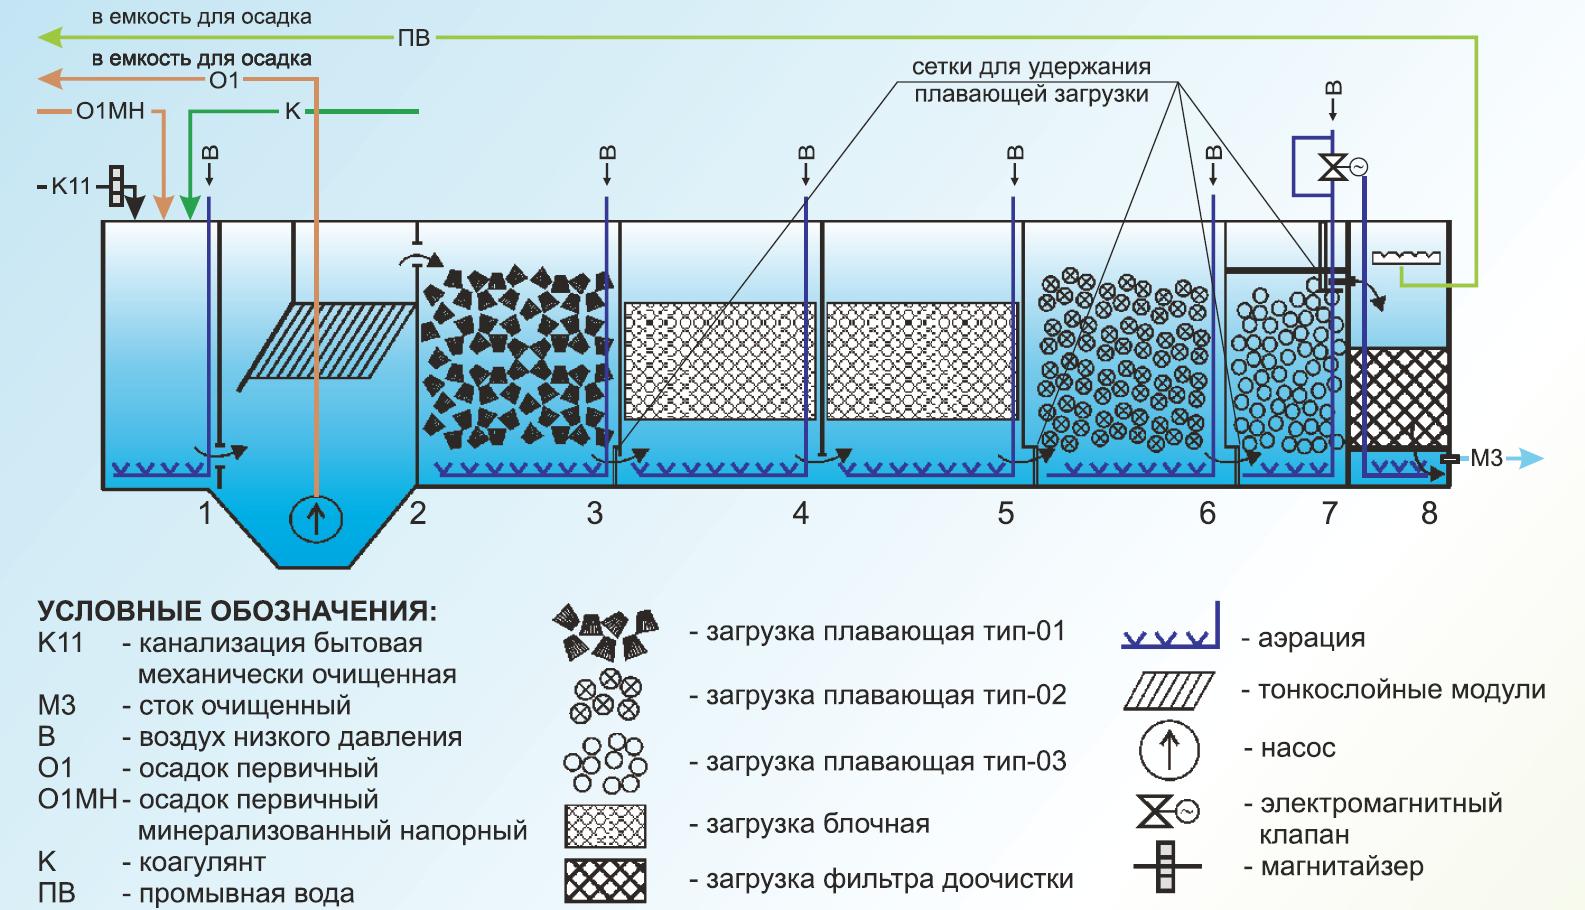 Методы биологической очистки сточных вод: основные способы - это пруды, метатенки, биофильтры, аэротенки, их преимущества и недостатки в сравнительной таблице